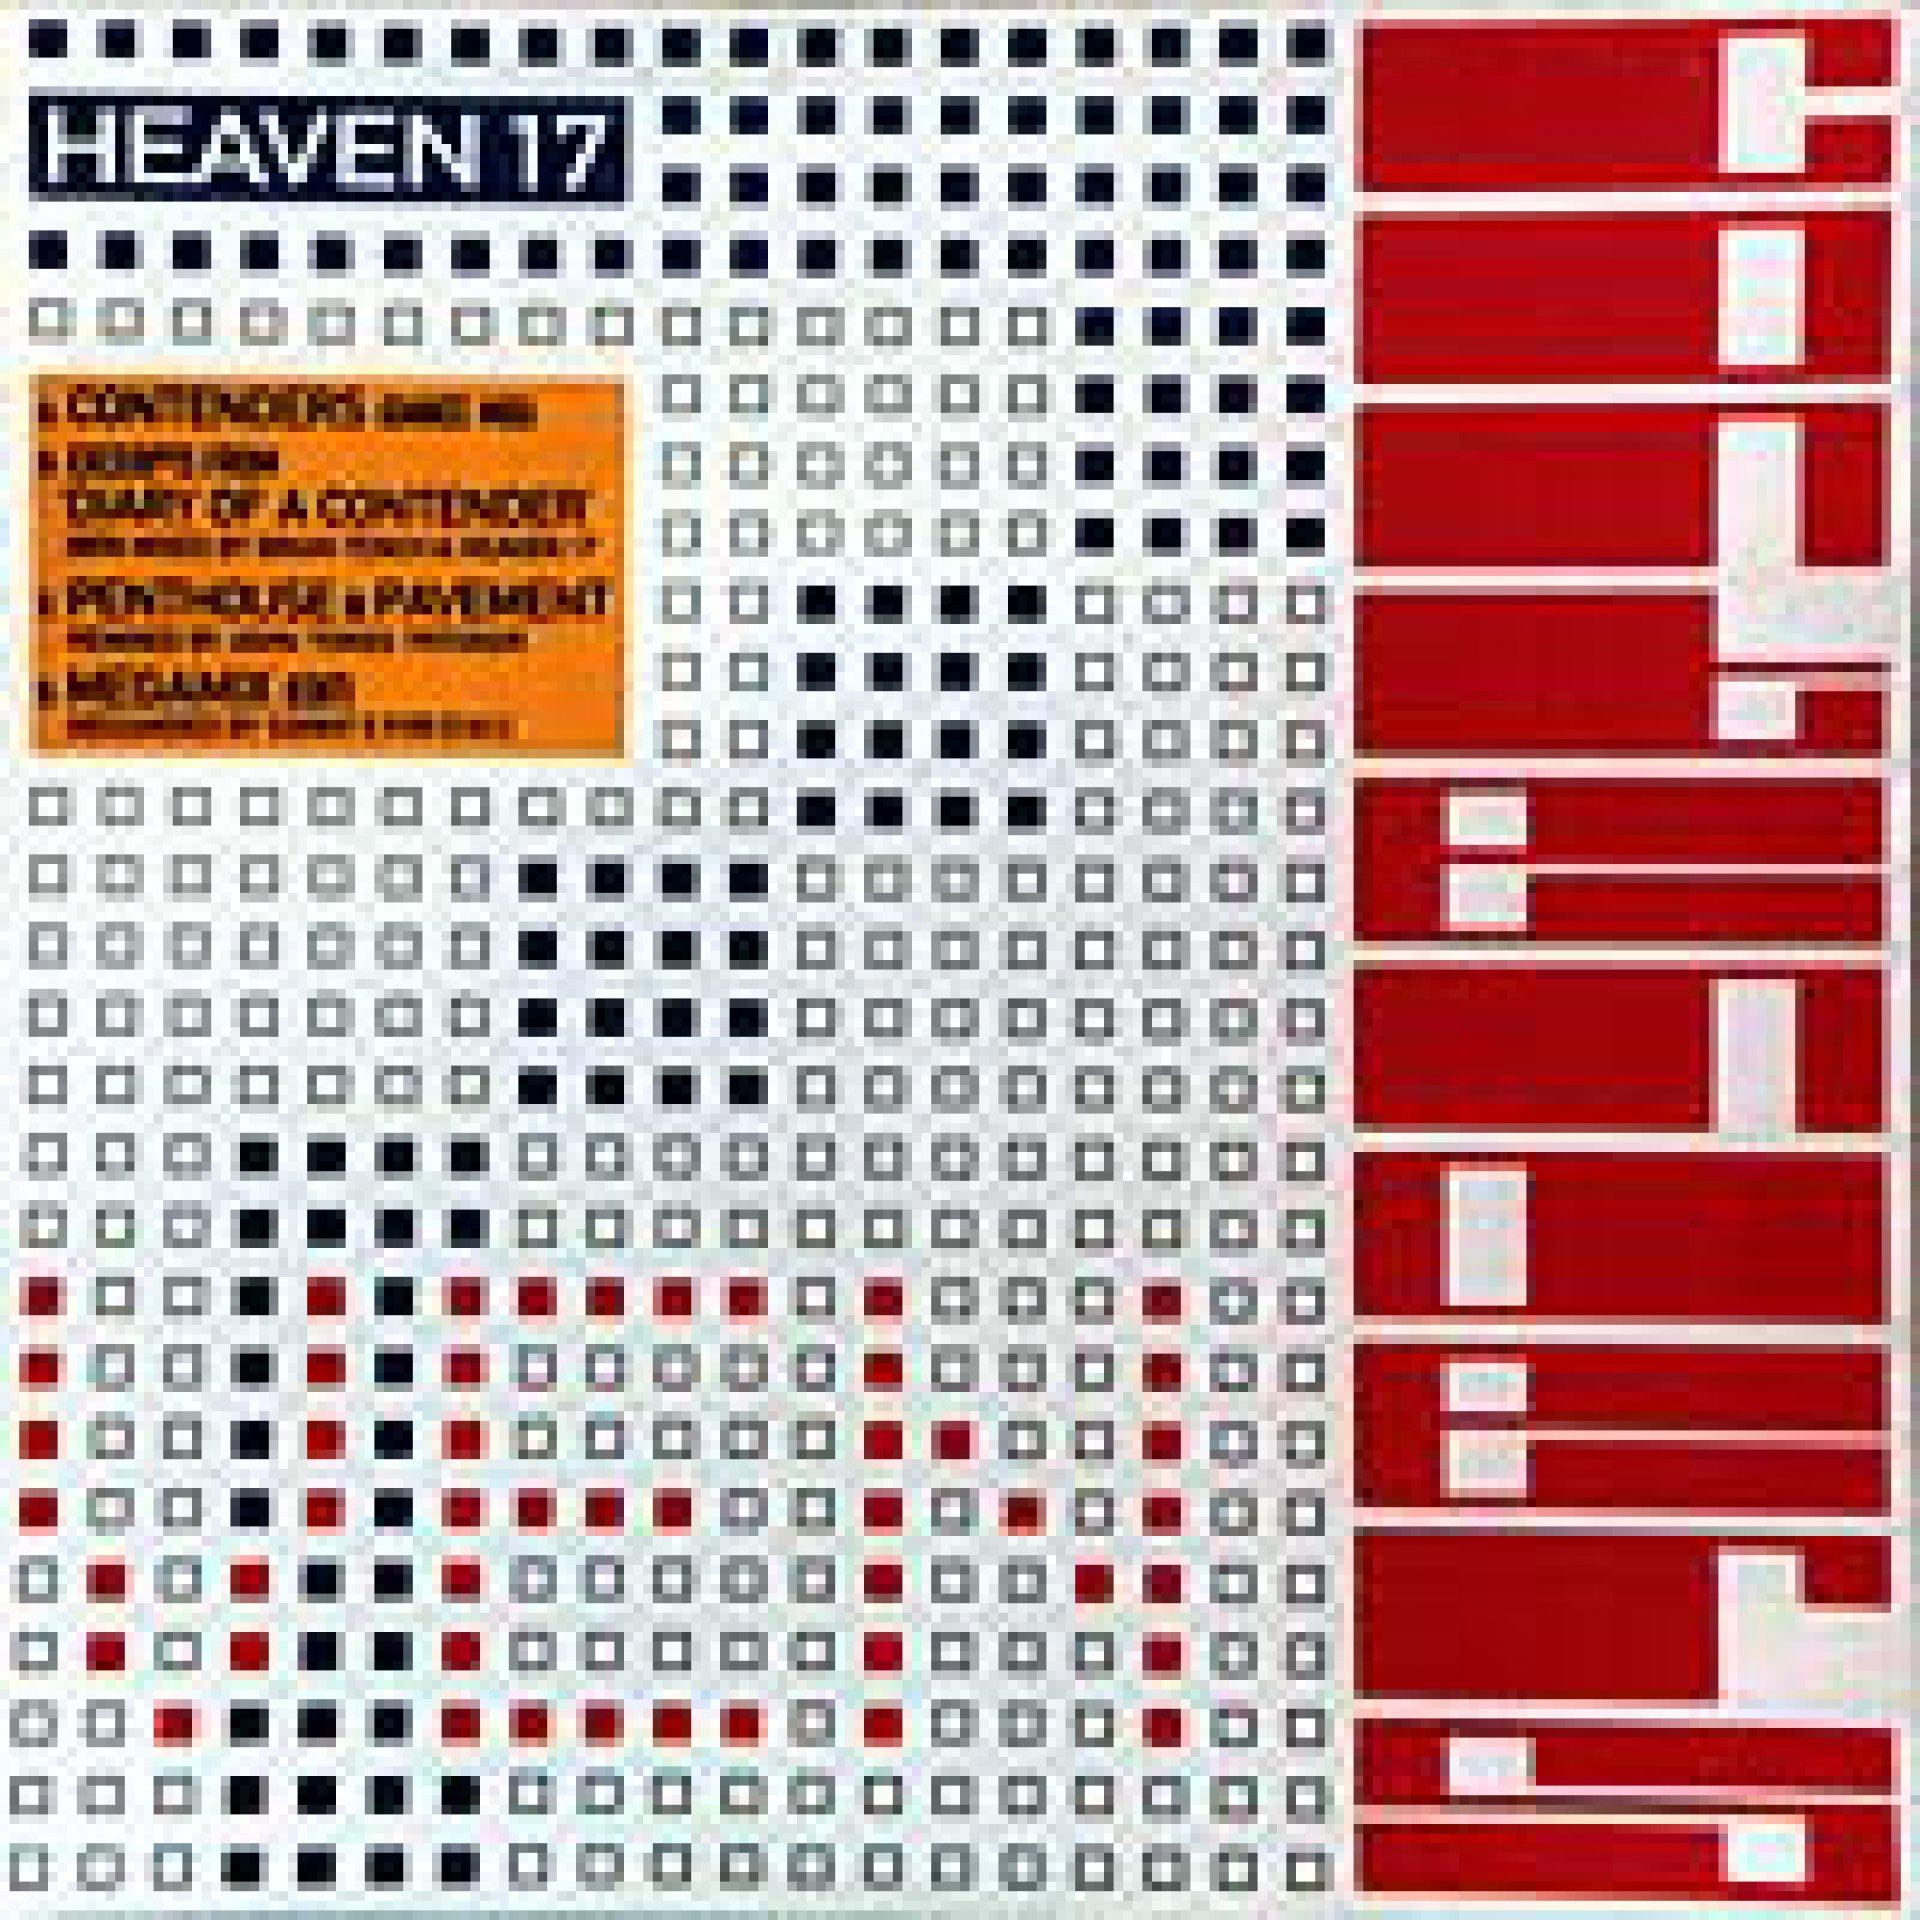 Heaven 17 - Contenders